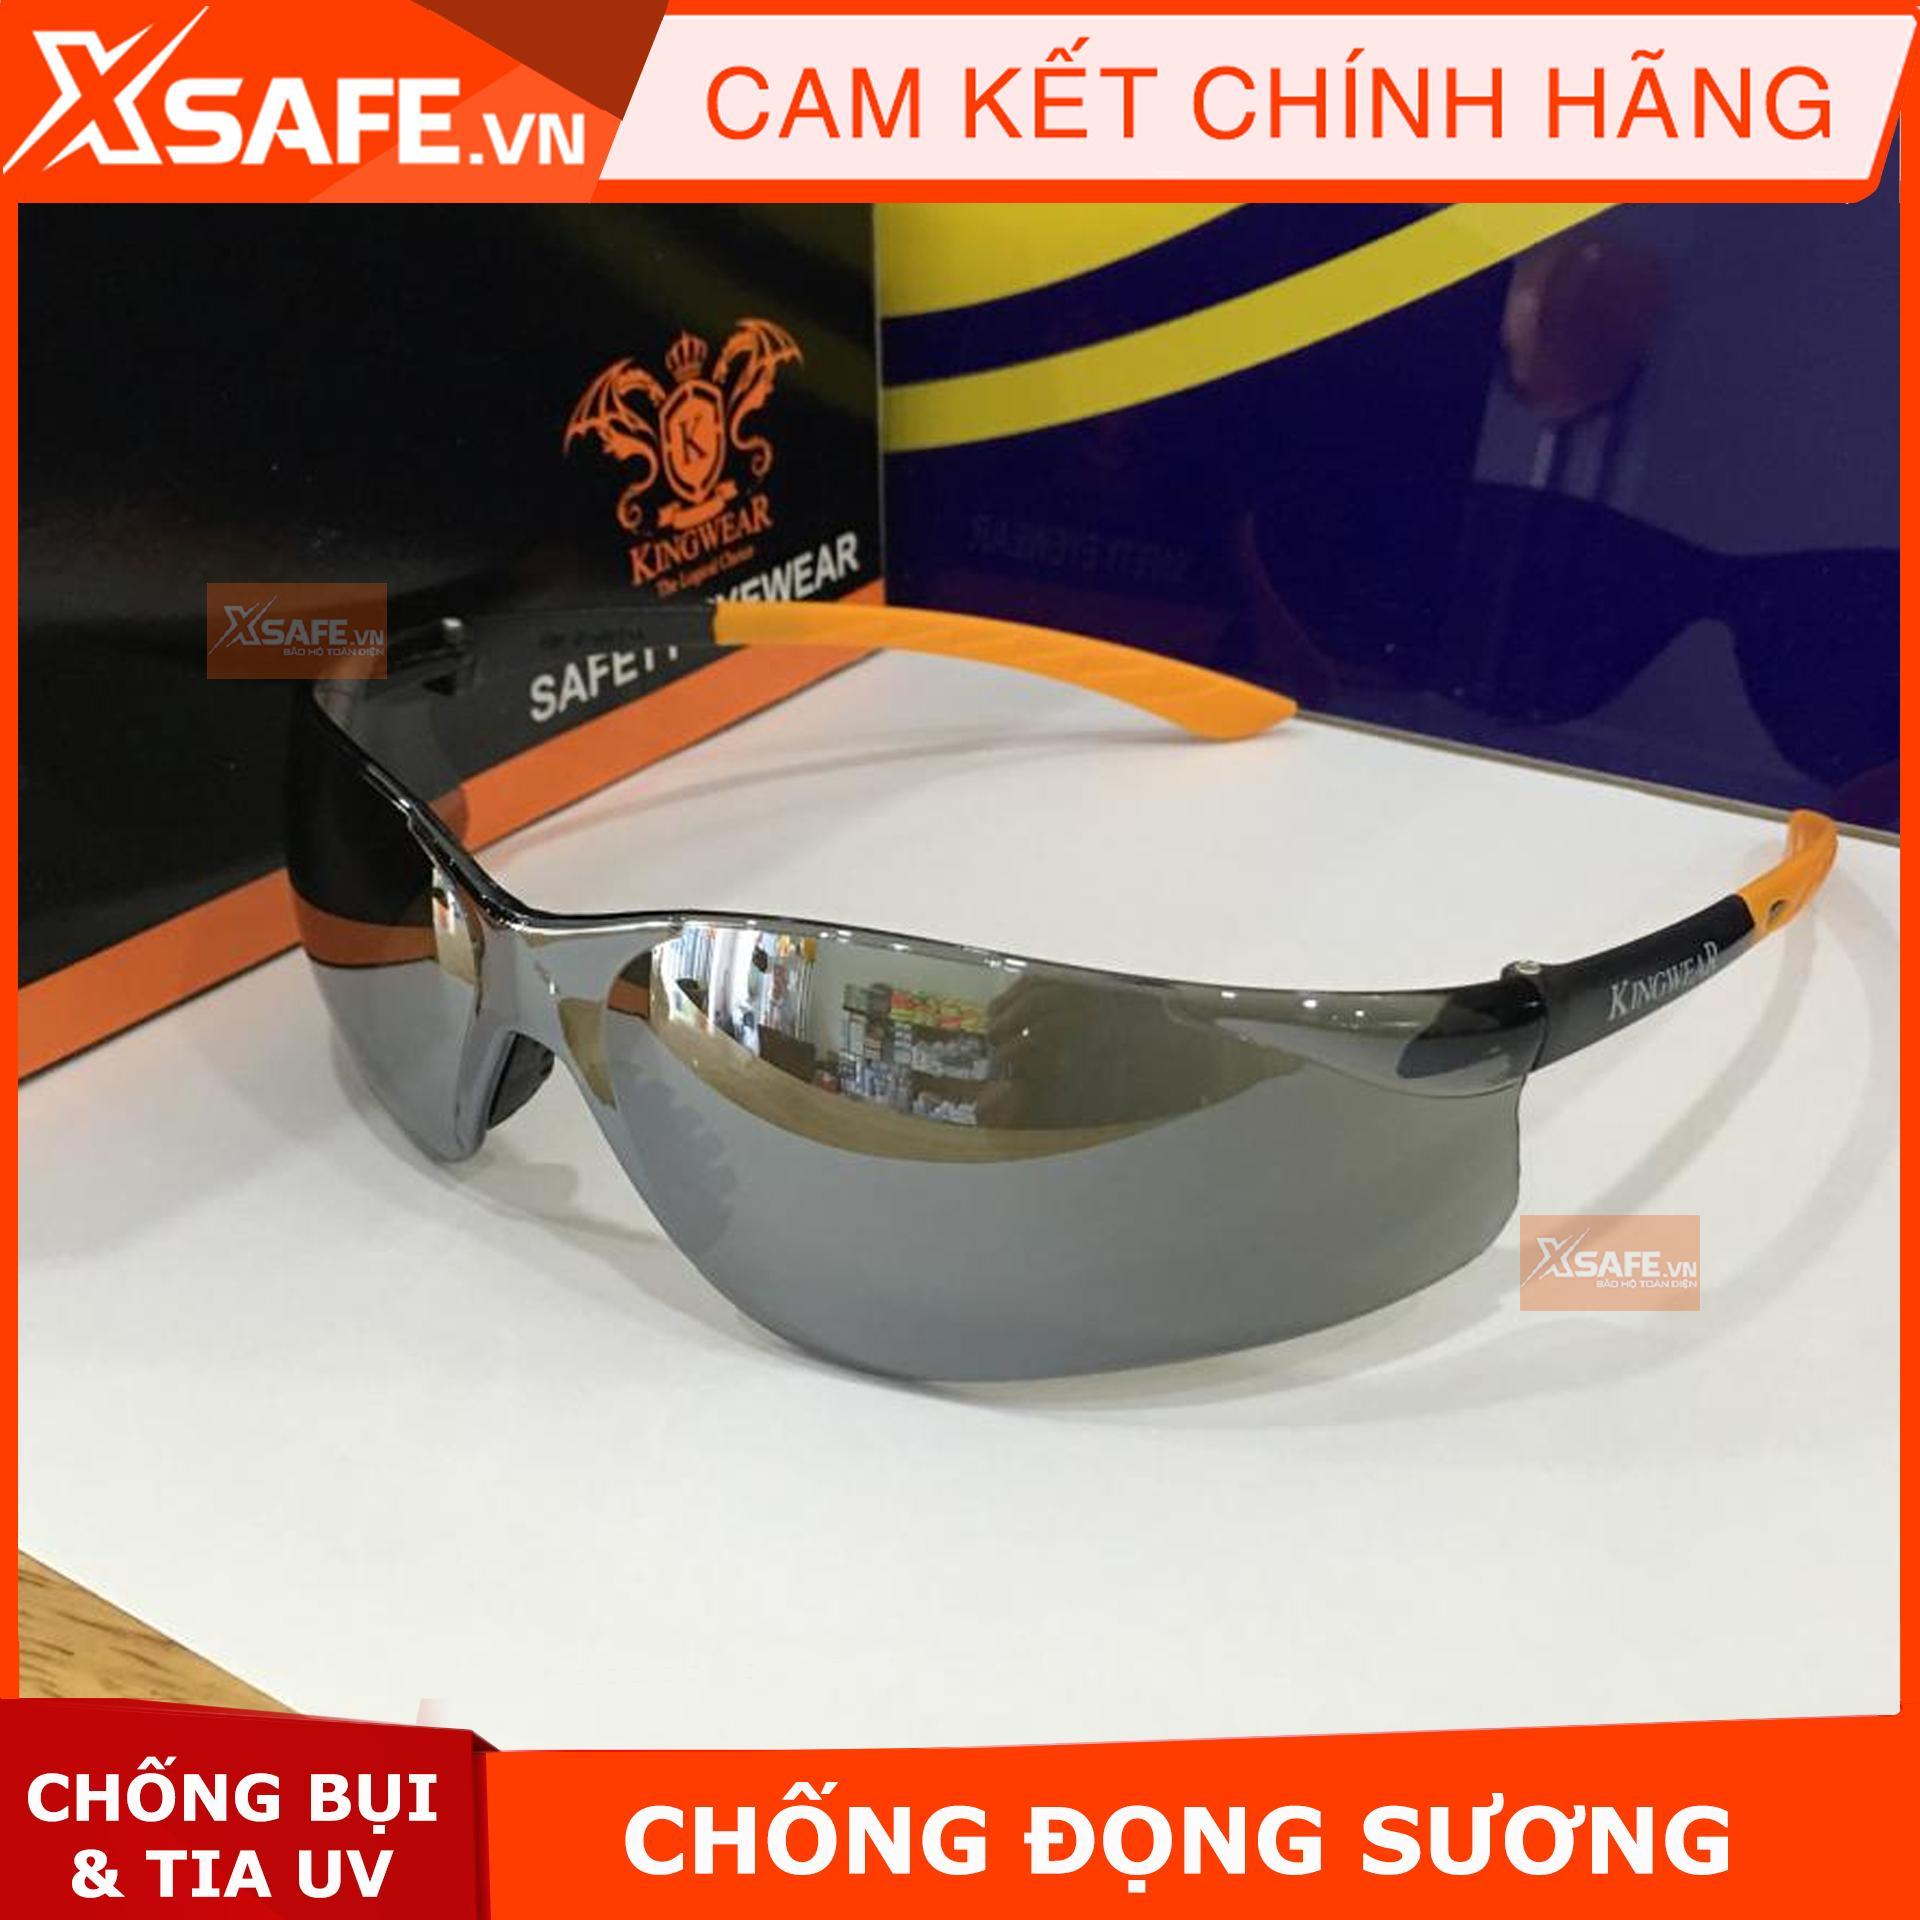 Kính bảo hộ lao động Kings màu đen KY2224 - Kính bảo vệ mắt không đọng sương